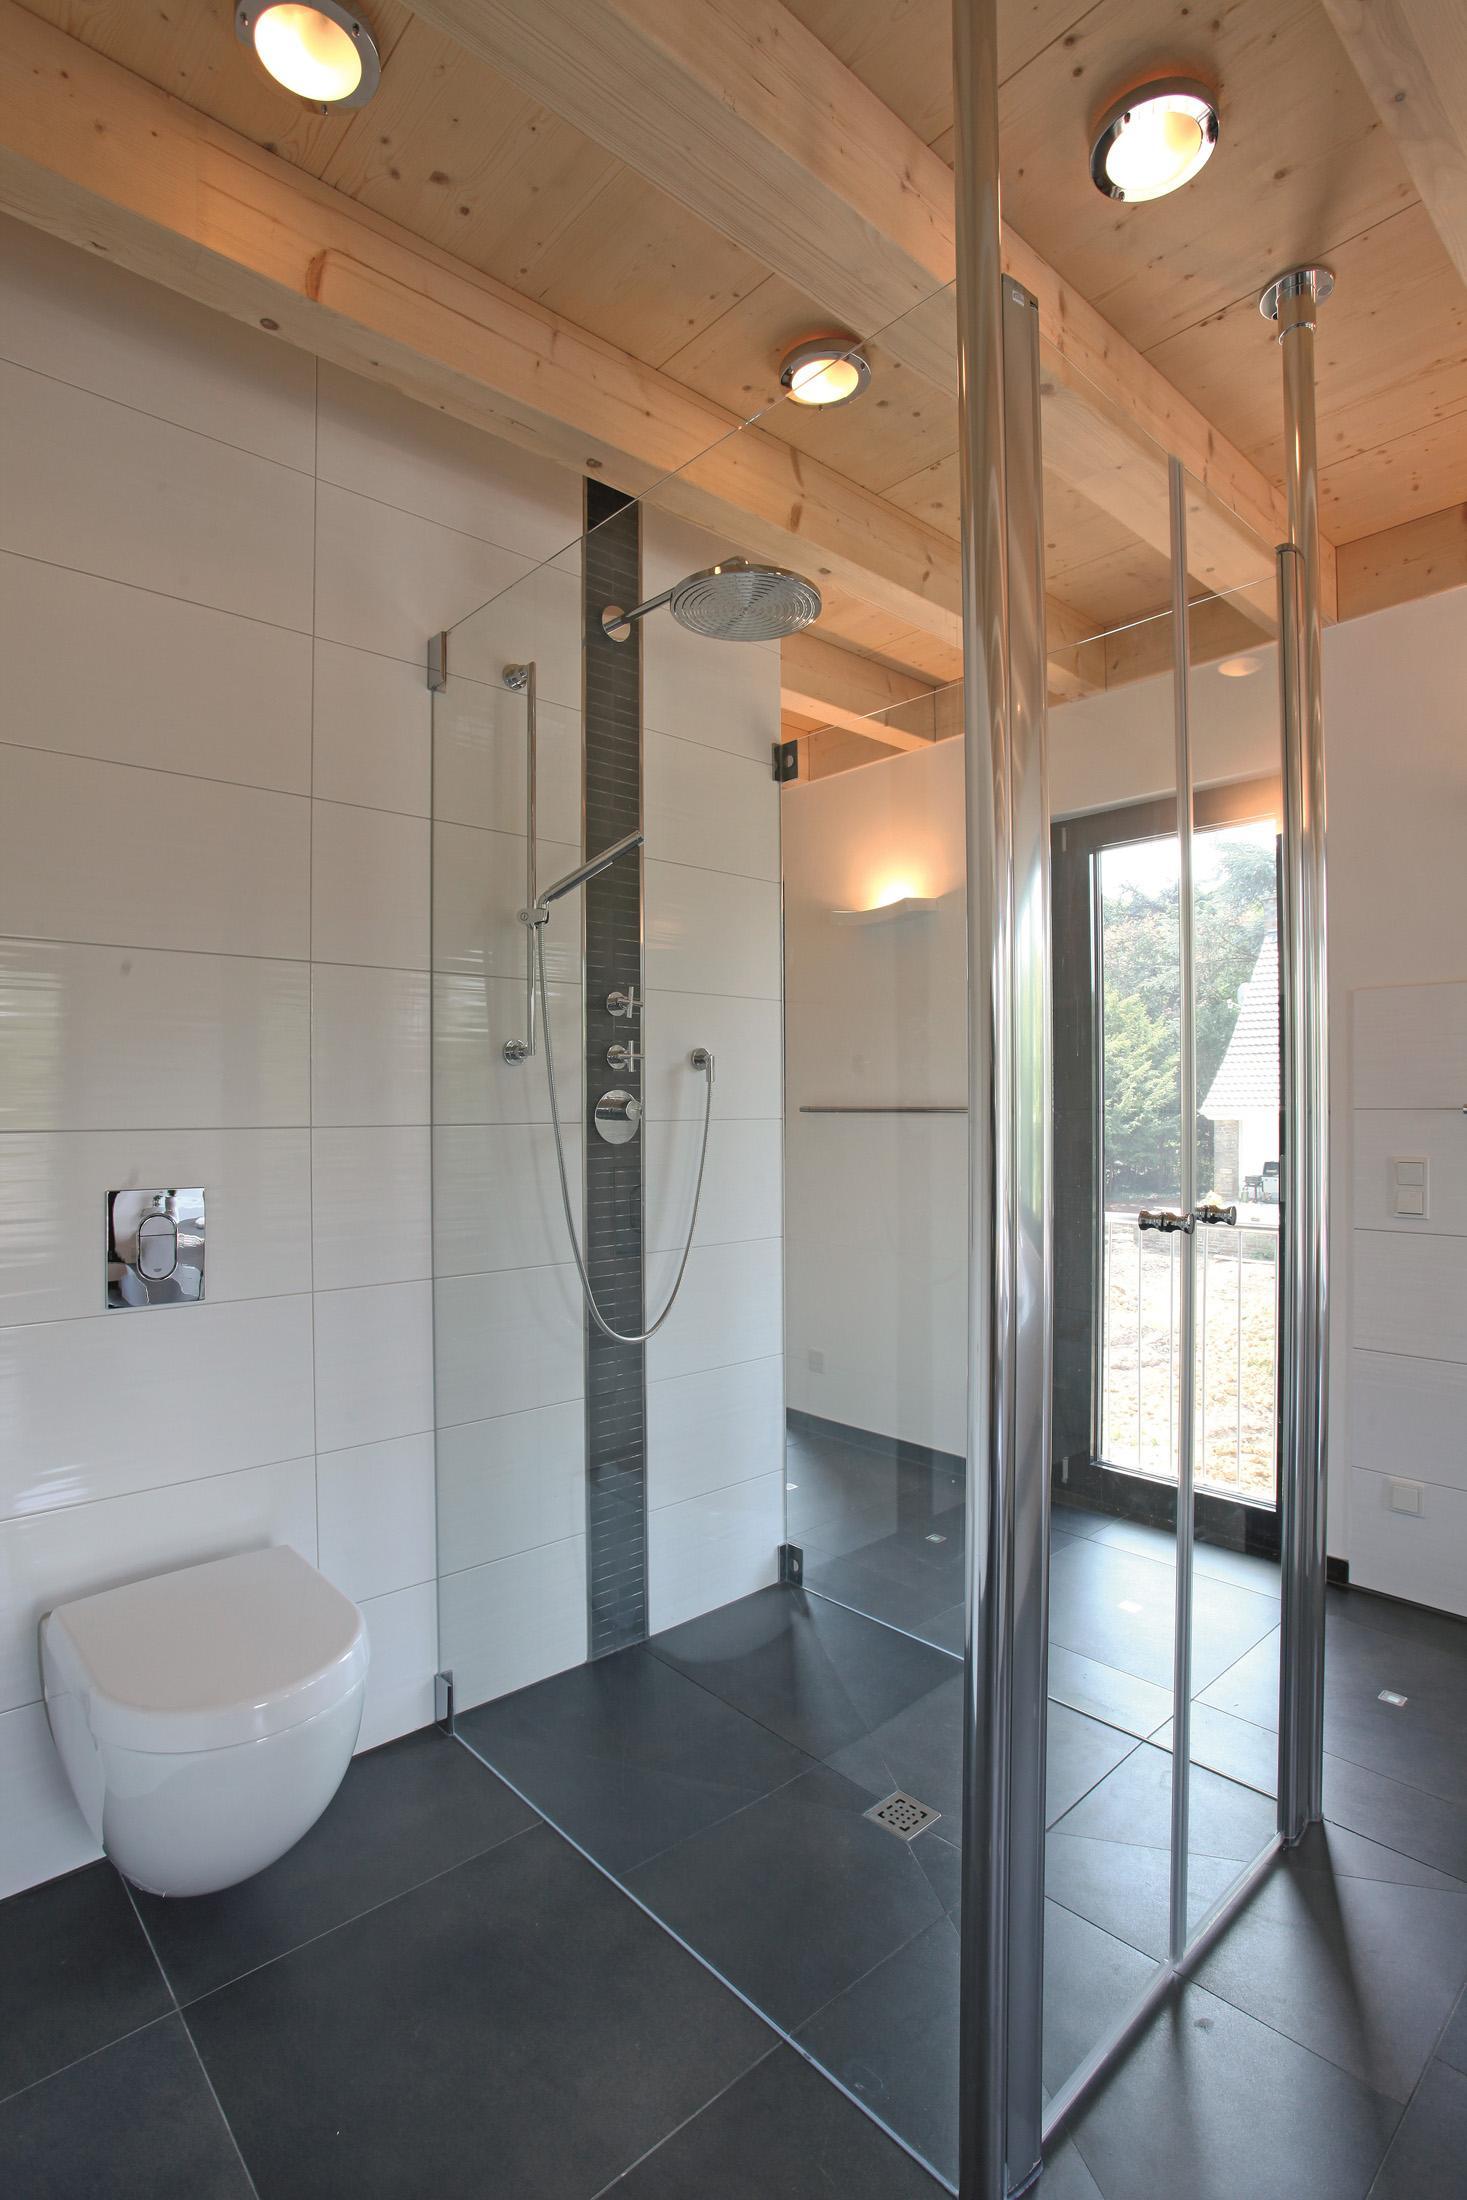 Ebenerdige Luxusdusche #deckenpaneel #fliesen #dusch...